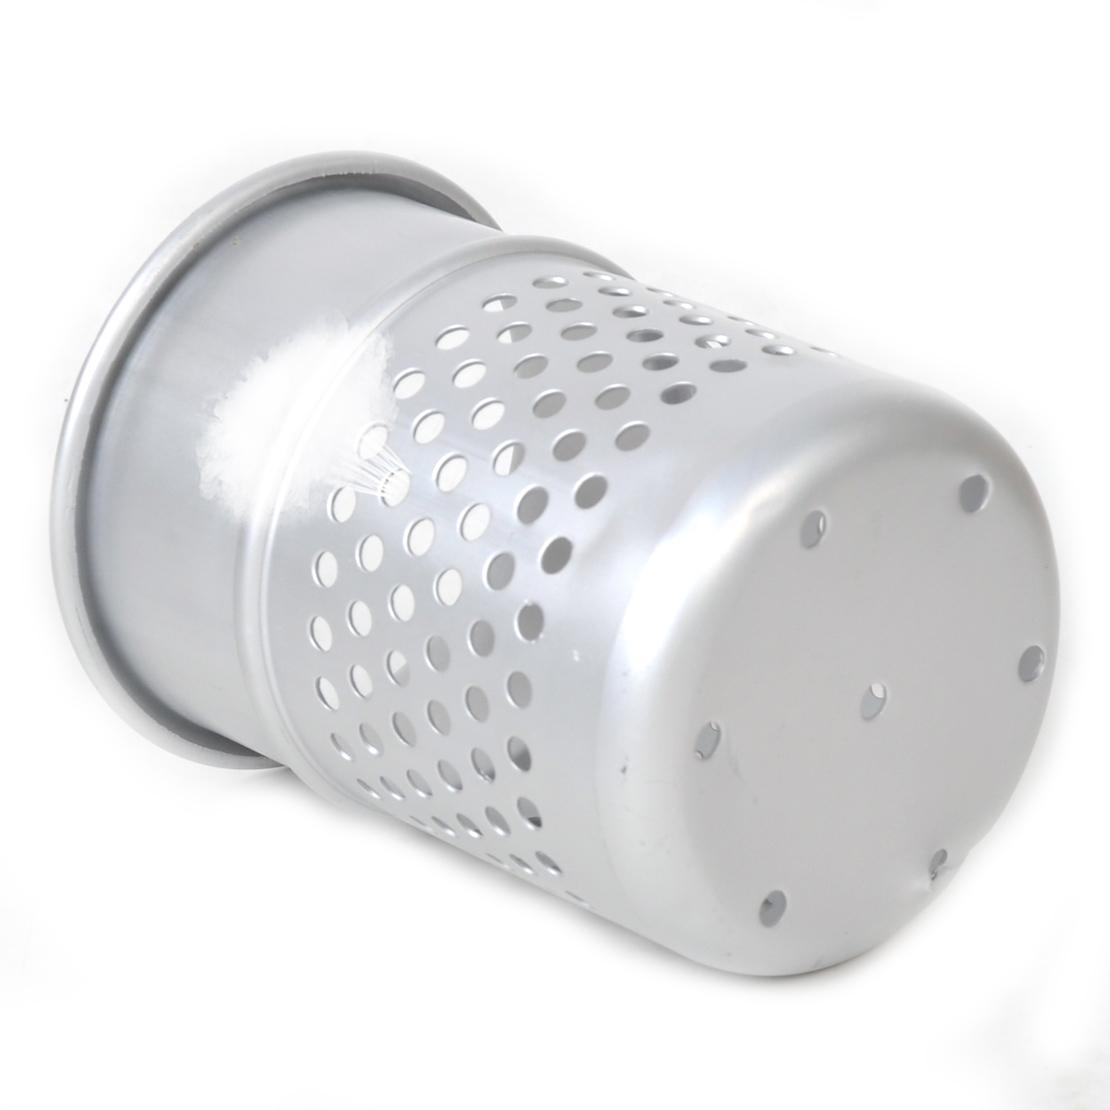 Wand Haartrockner Halterung Ständer Ablagen Aluminium Fönhalterung mit Kamm Neu